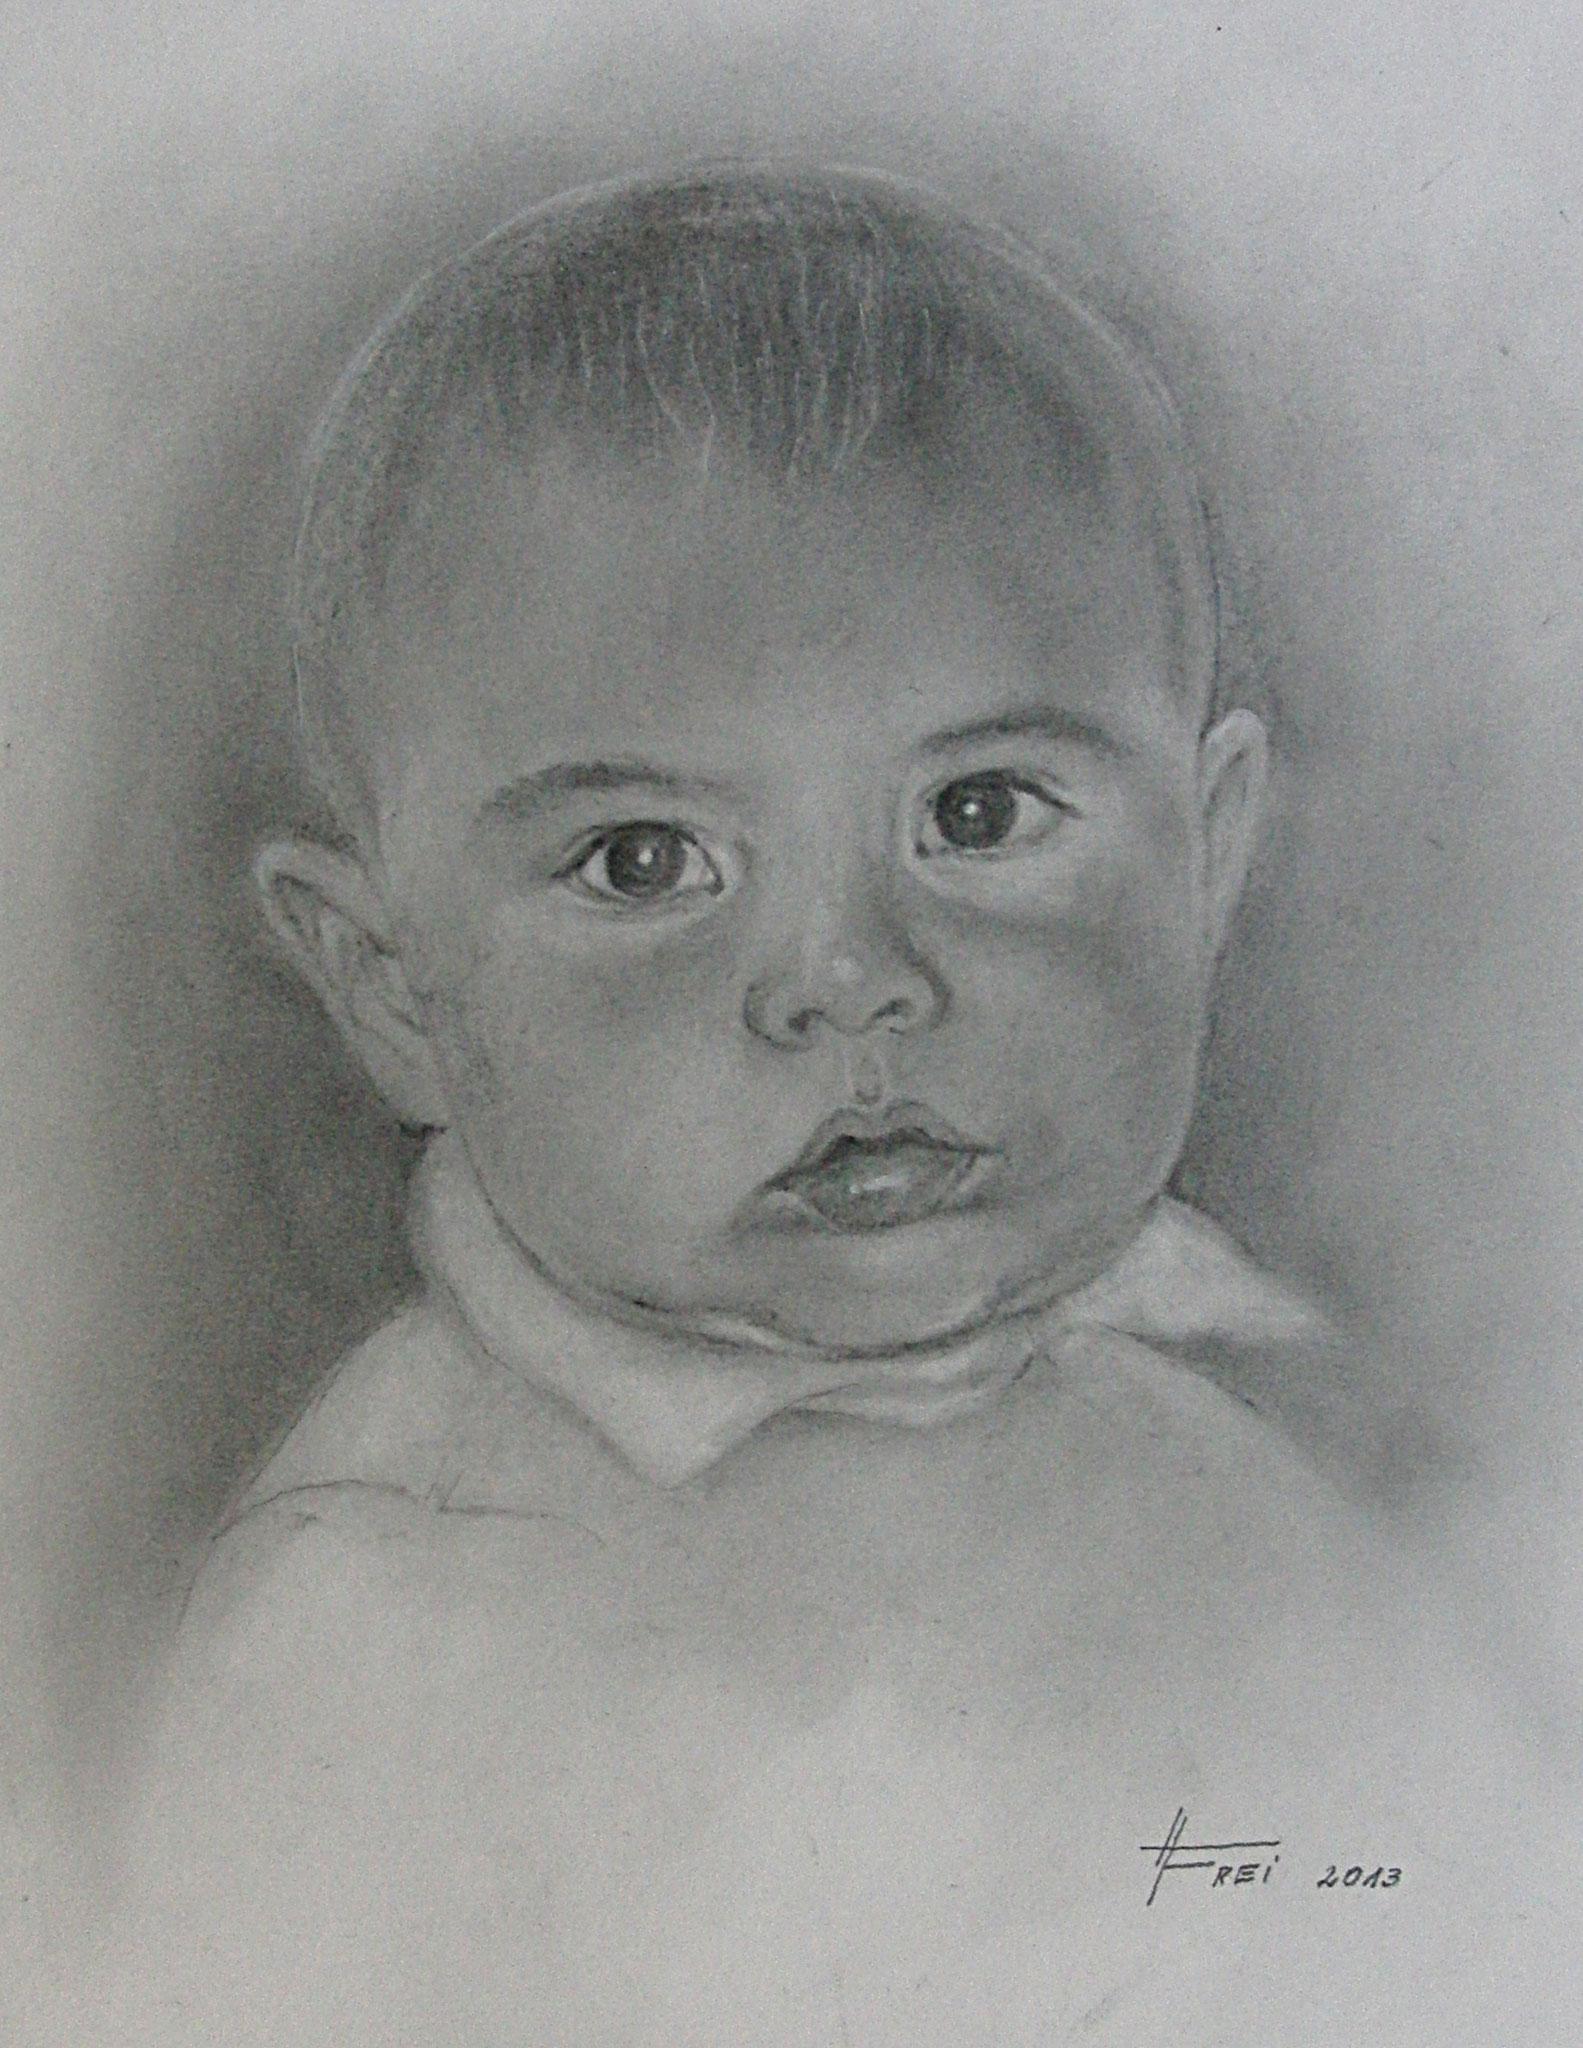 ART HFrei - Luca - Graphit-Pulver